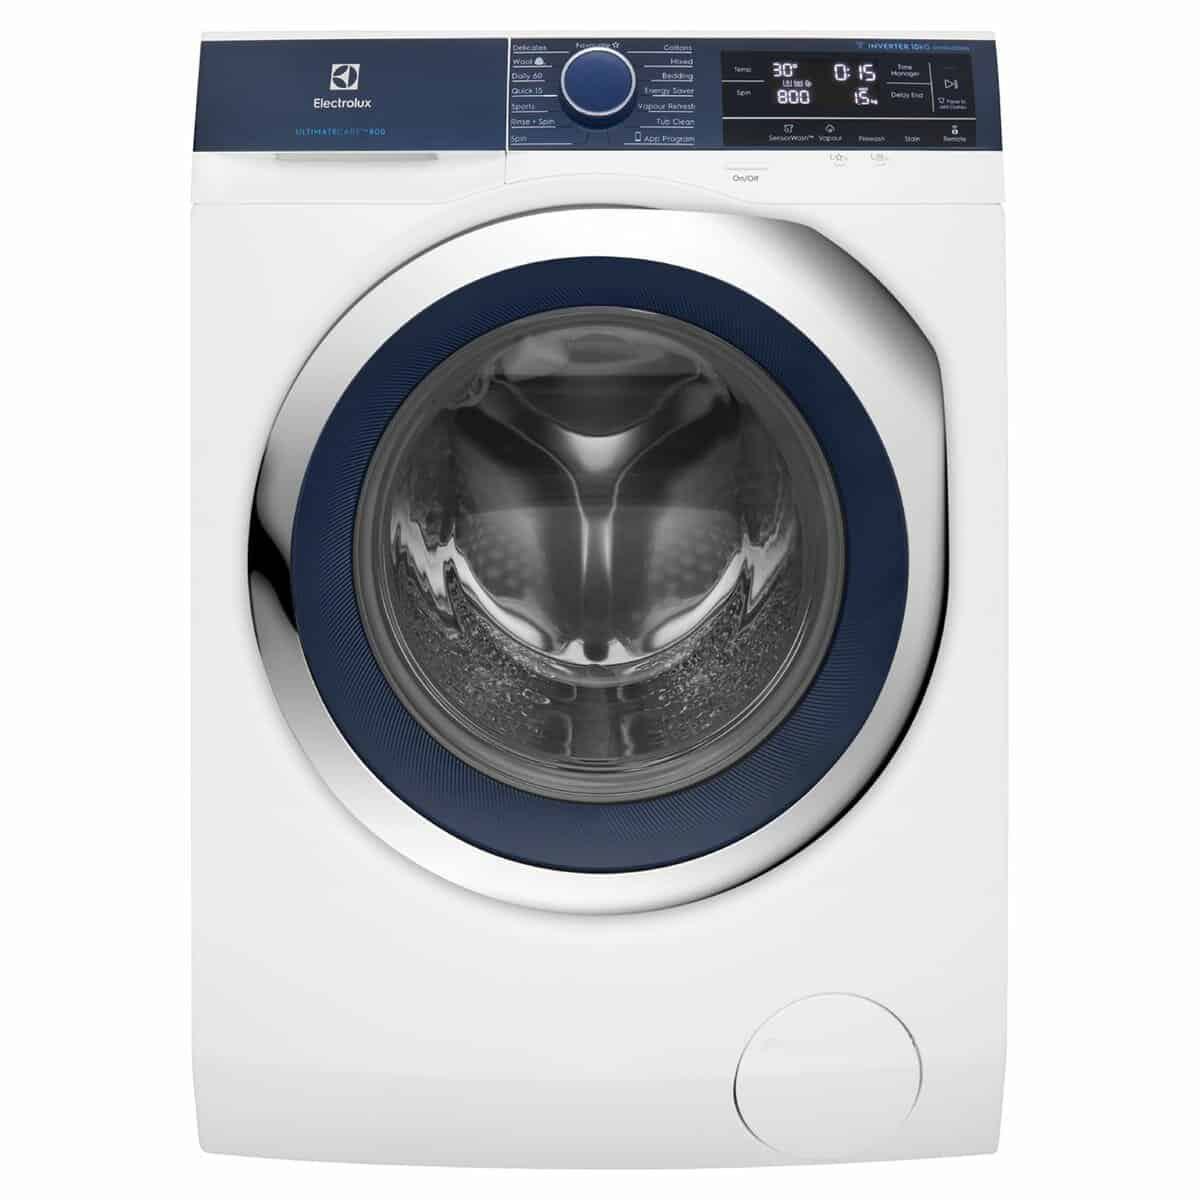 ElectroluxˇˇMesin-Cuci-UltraEco-EWF8005EQWA